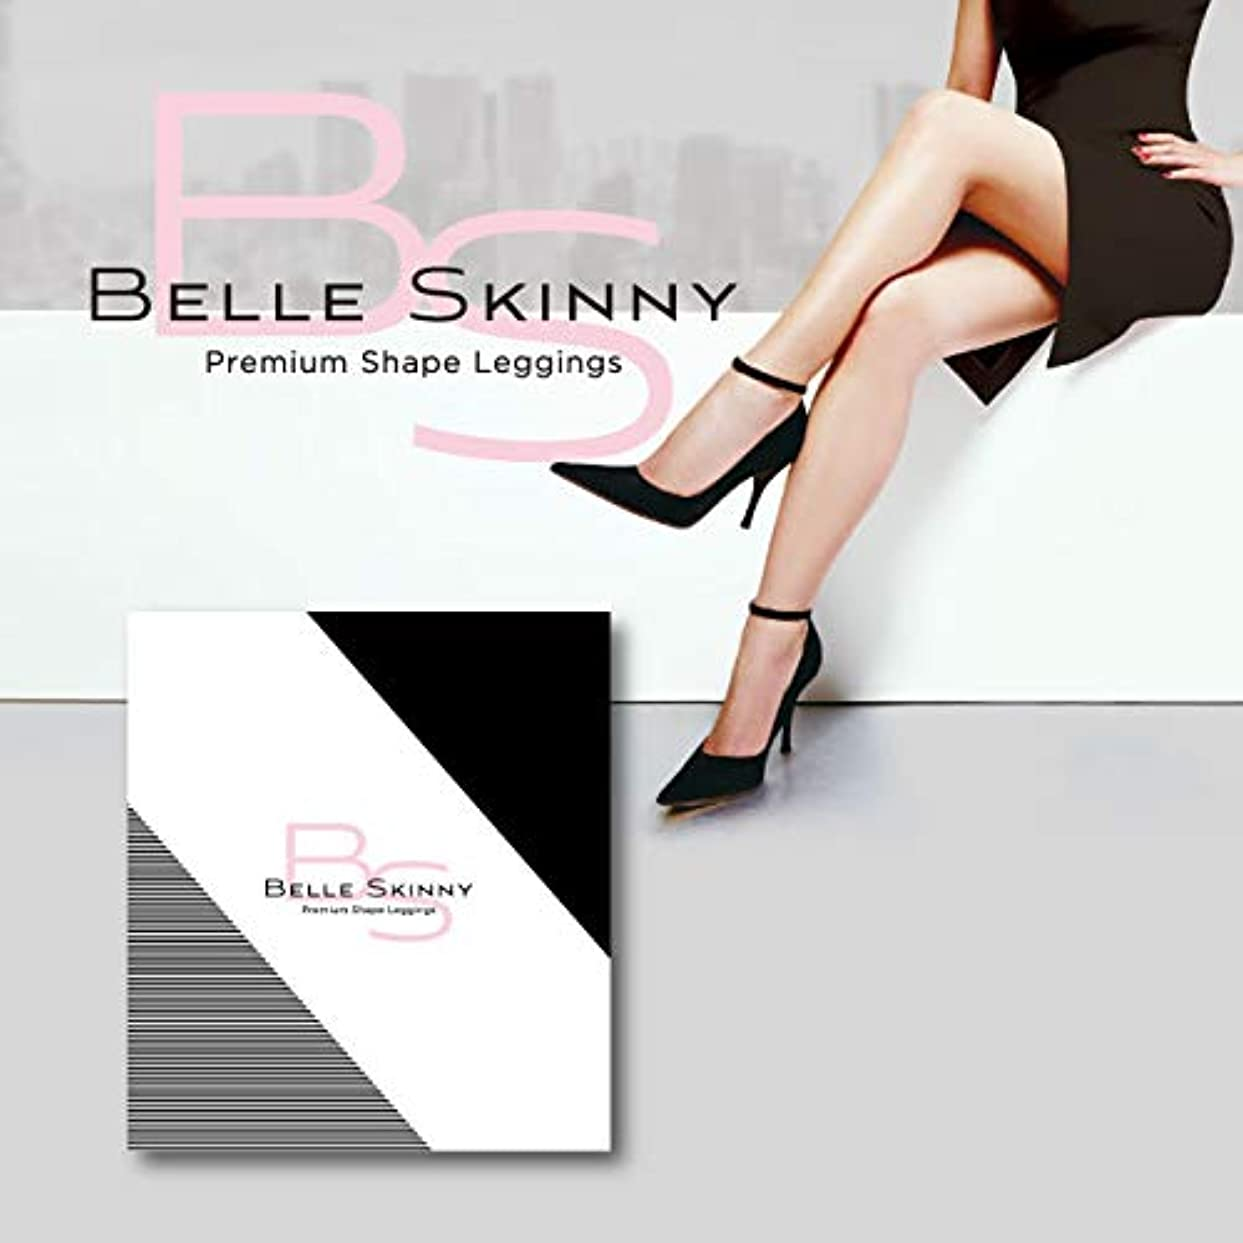 まだ妊娠したクモベルスキニー BELLE SKINNY 着圧 骨盤矯正 脚痩せ むくみ 美脚 レギンス S-Mサイズ (S-M)